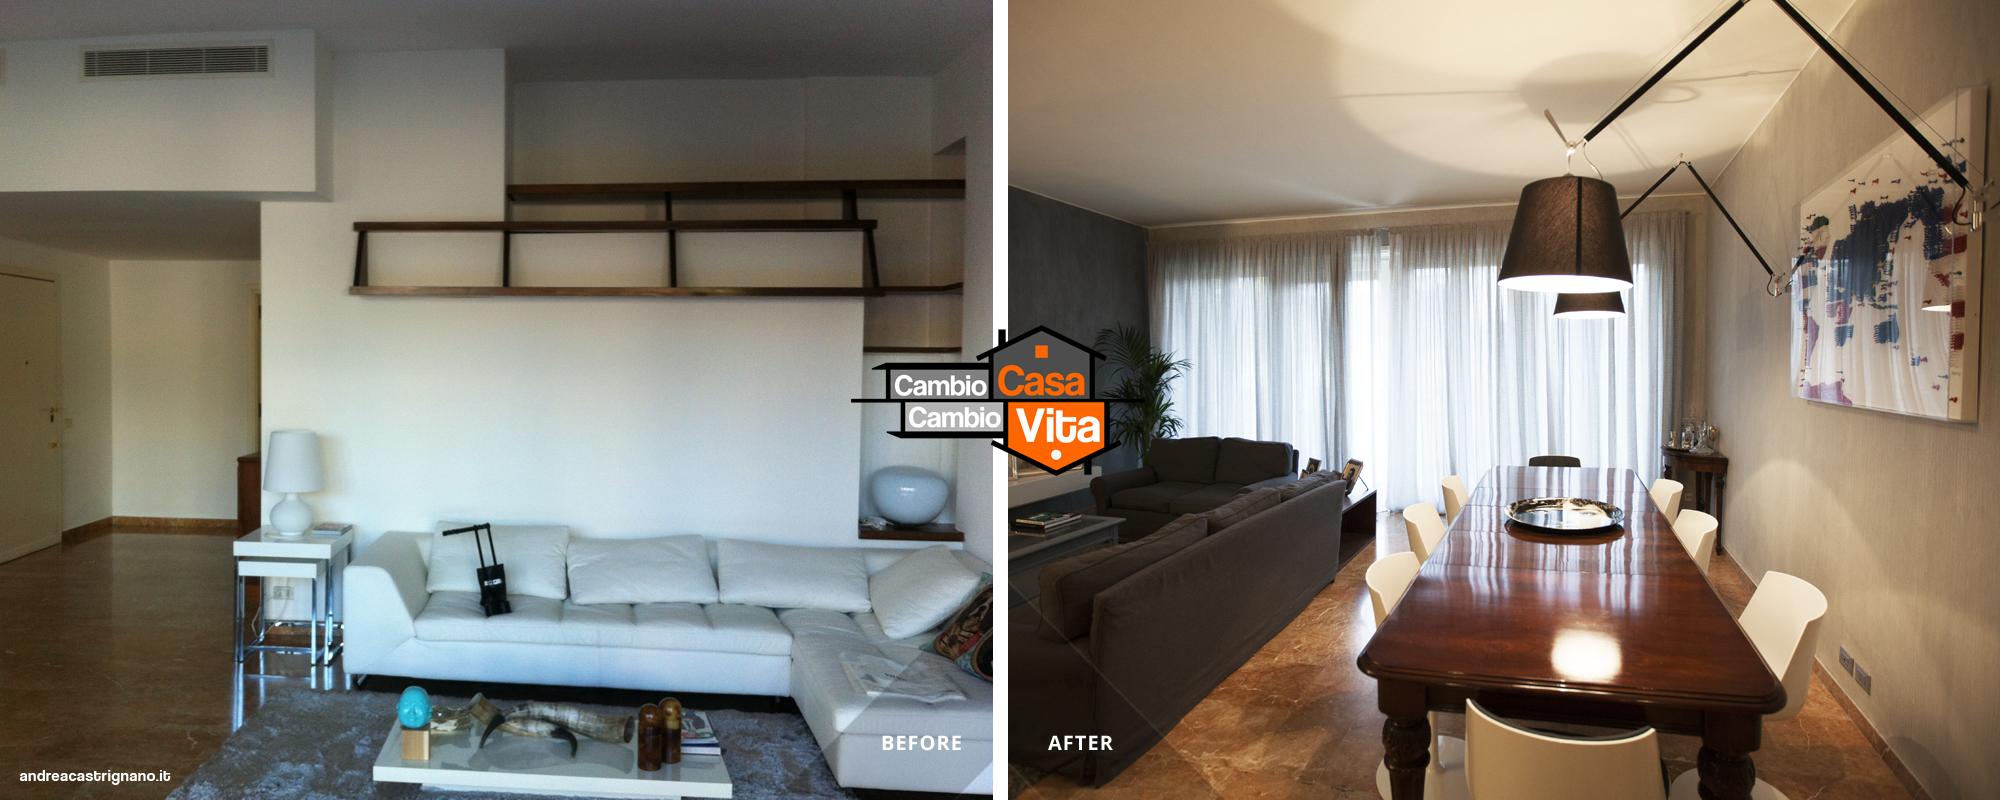 La mia Milano - Andrea Castrignano Blog